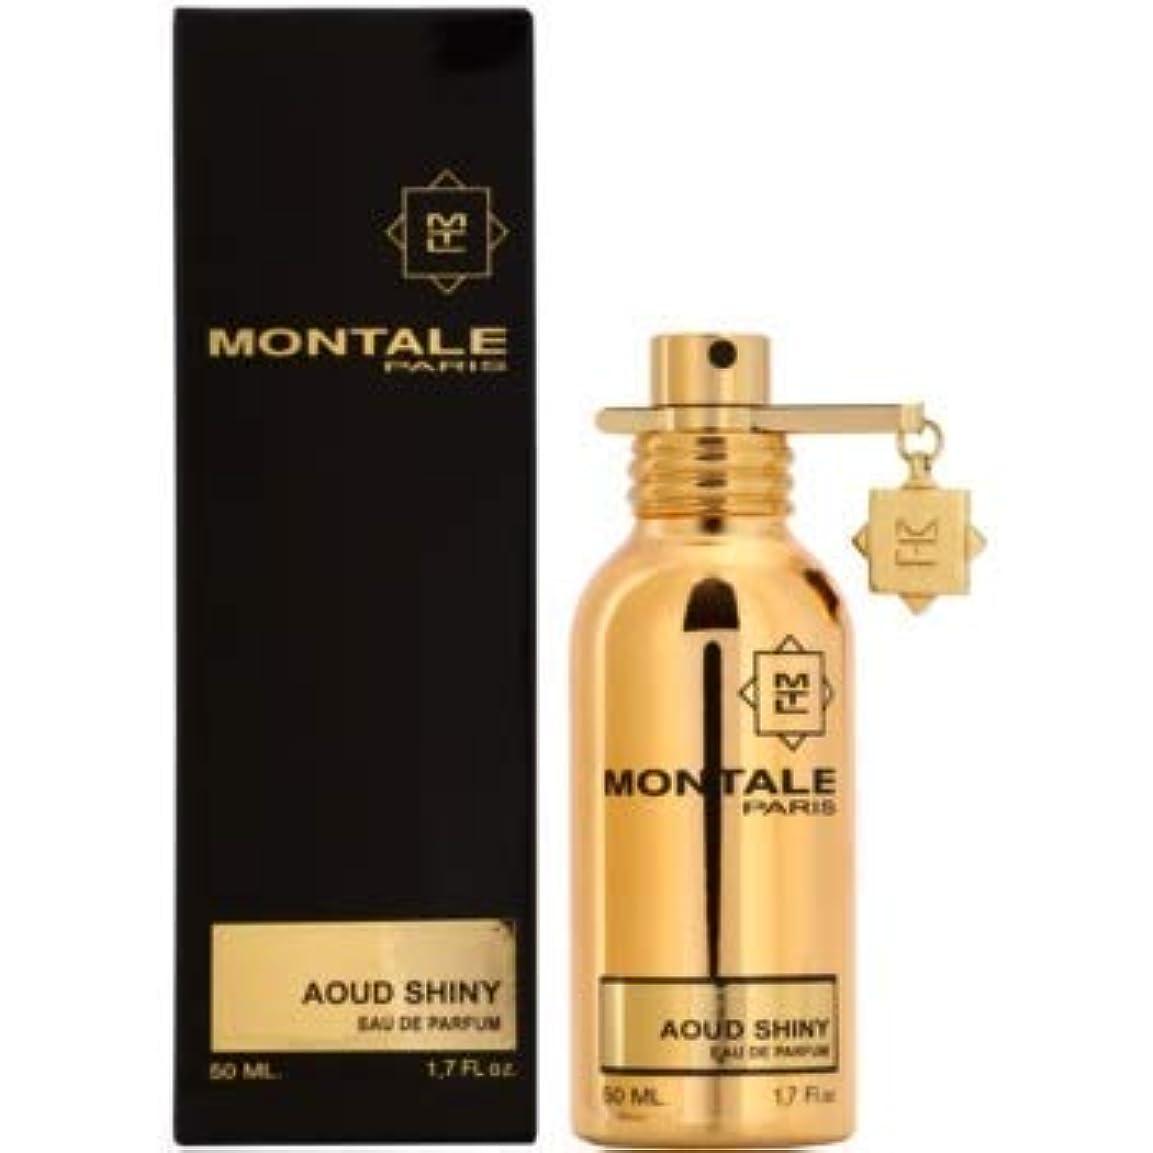 母音訪問抑圧するMONTALE AOUD SHINY Eau de Perfume 50ml Made in France 100% 本物モンターレ アラブ光沢のある香水 50 ml フランス製 +2サンプル無料! + 30 mlスキンケア無料!